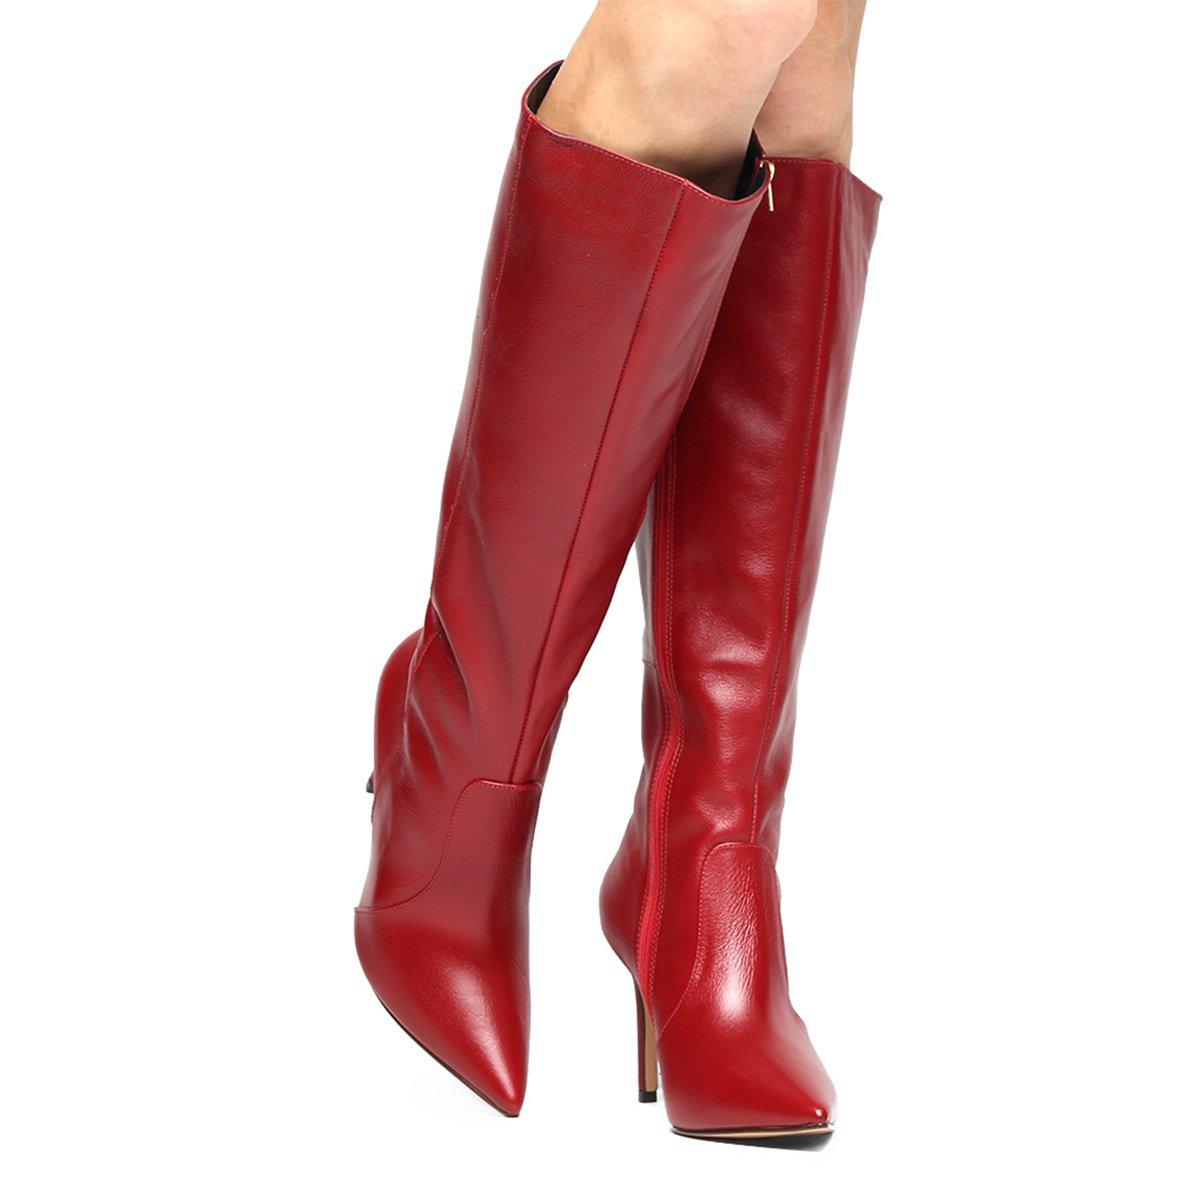 5b193b9e69 Bota Couro Montaria Shoestock Bico Fino Feminina - Vermelho - Compre Agora